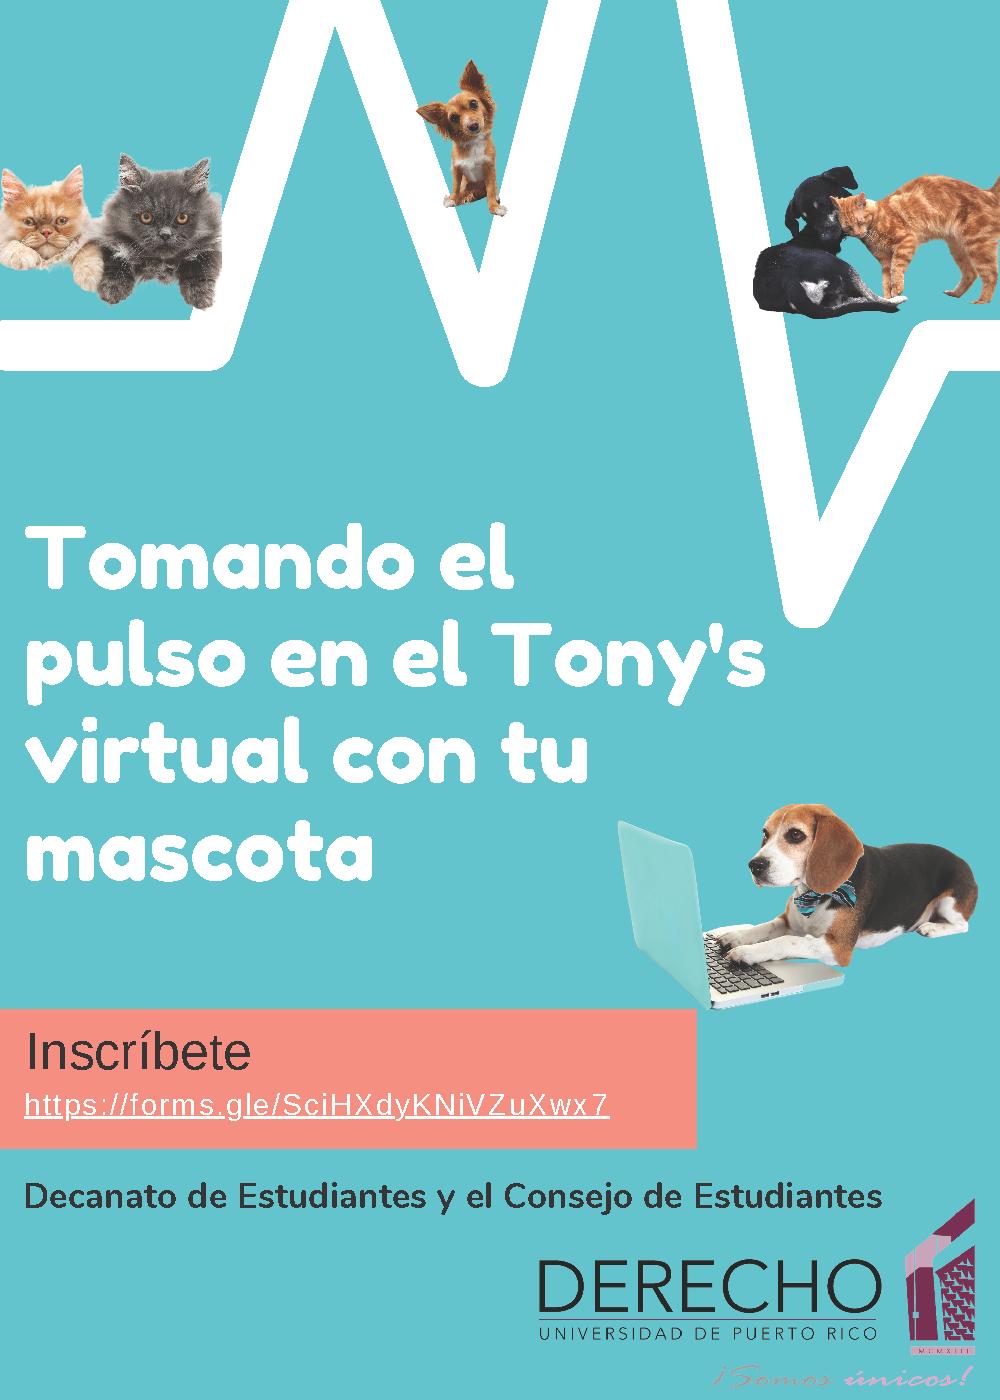 Tomando el pulso en el Tony's Virtual con tu Mascota